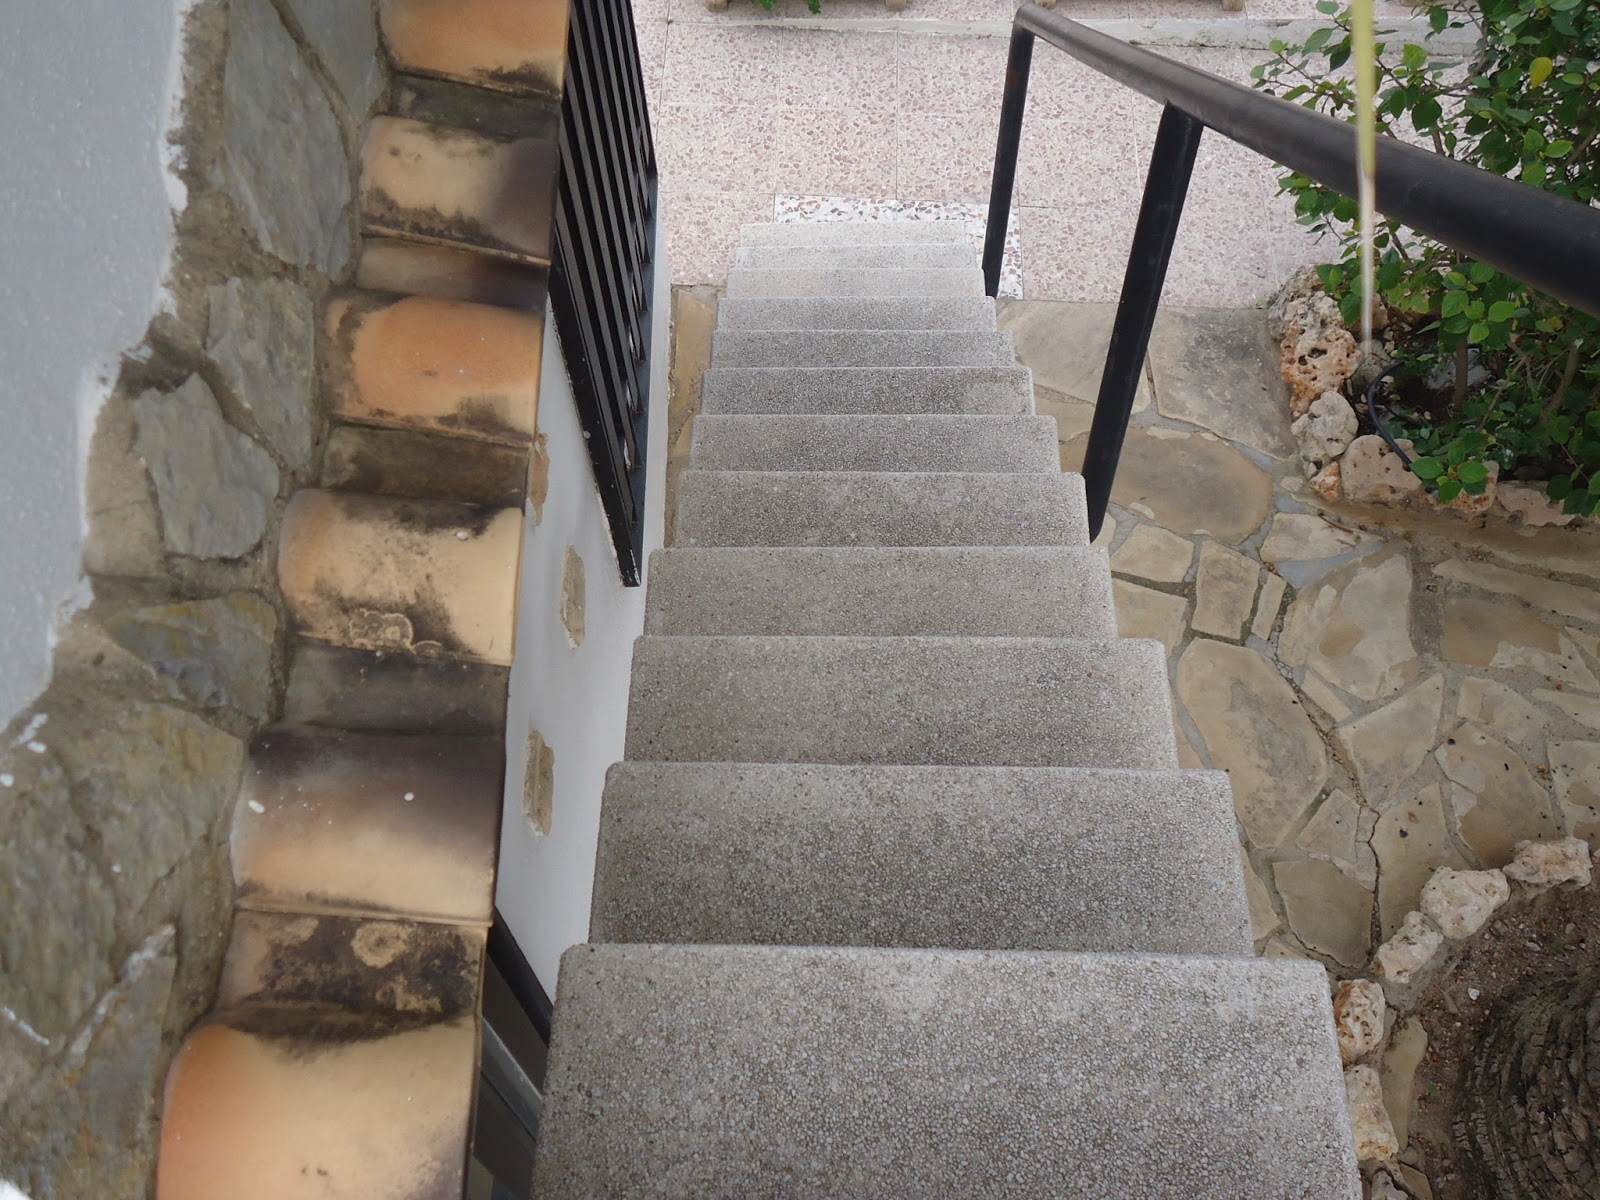 Escaleras exteriores de jard n quiero reformar mi casa for Escaleras exteriores